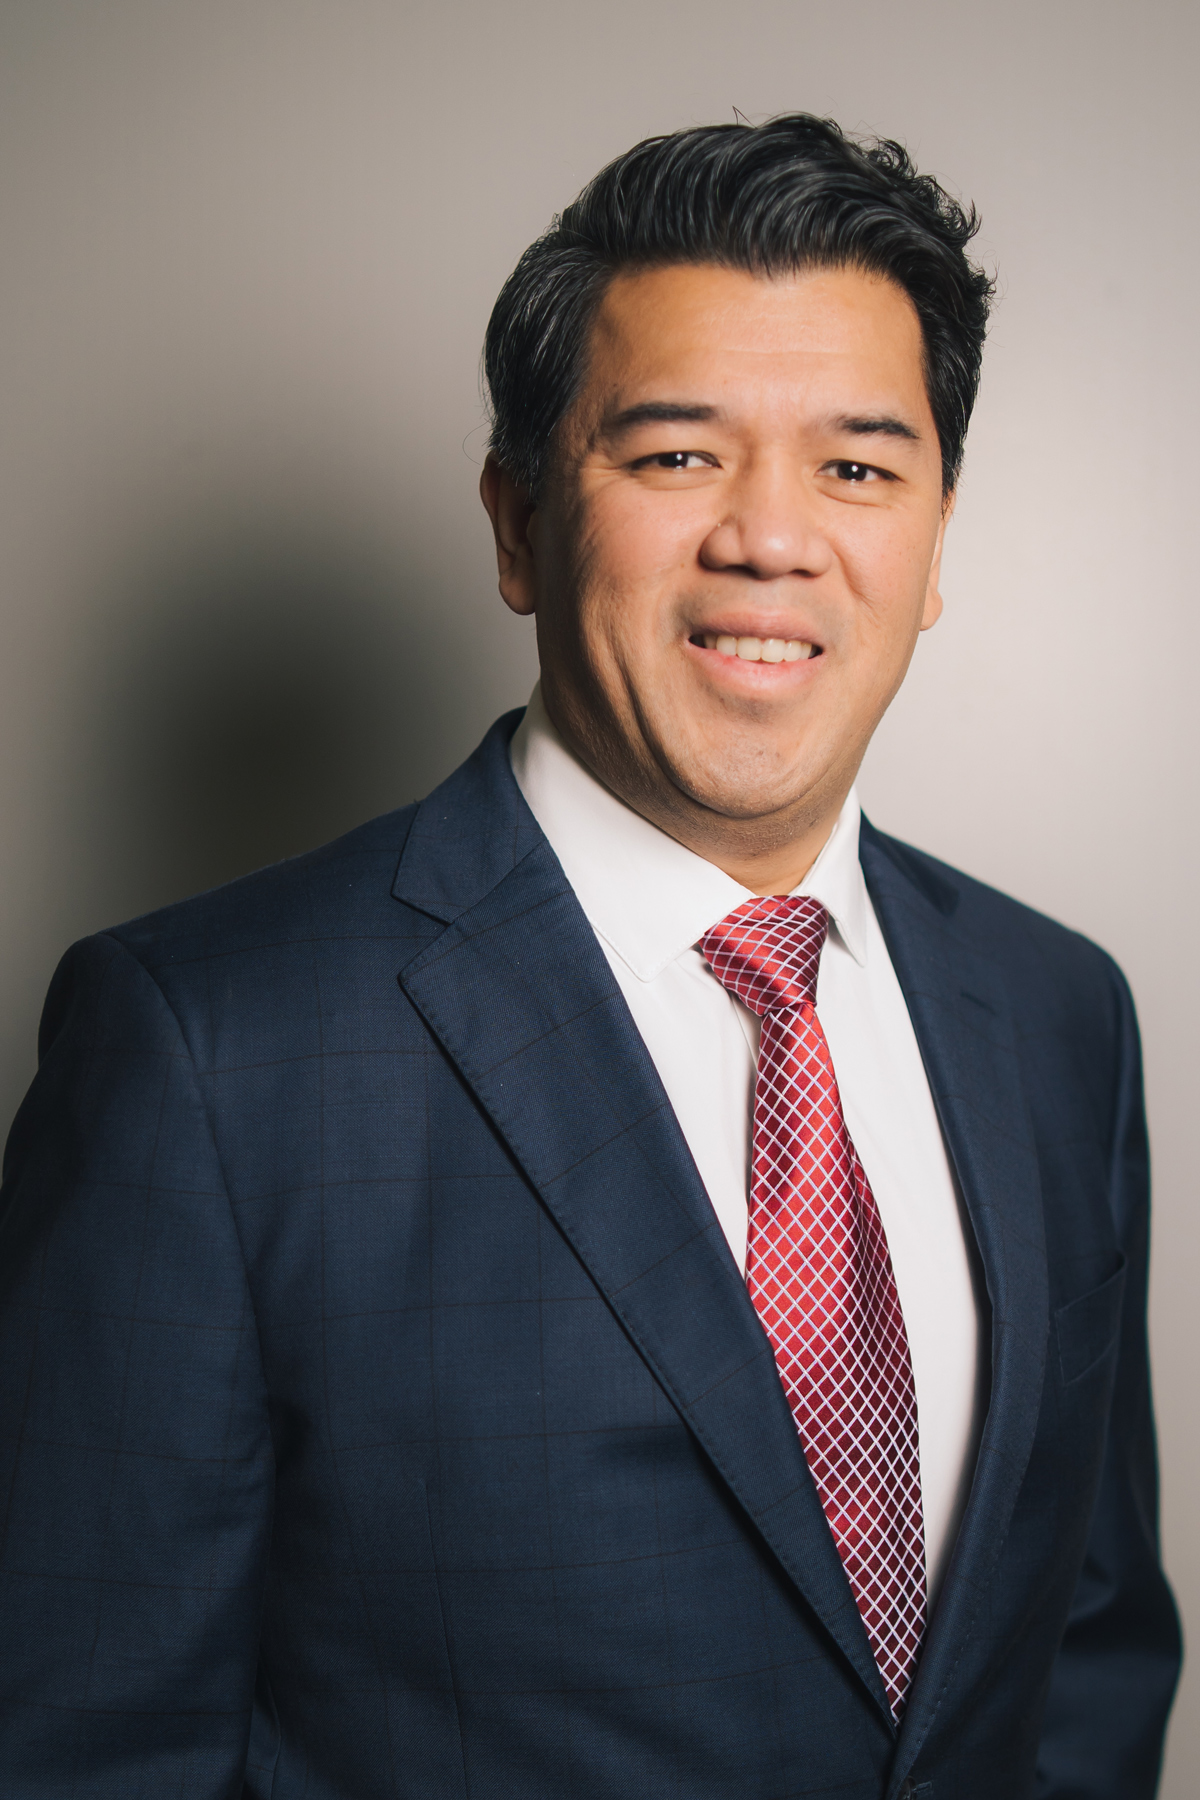 Ray Alcantara Attorney, Humble Texas